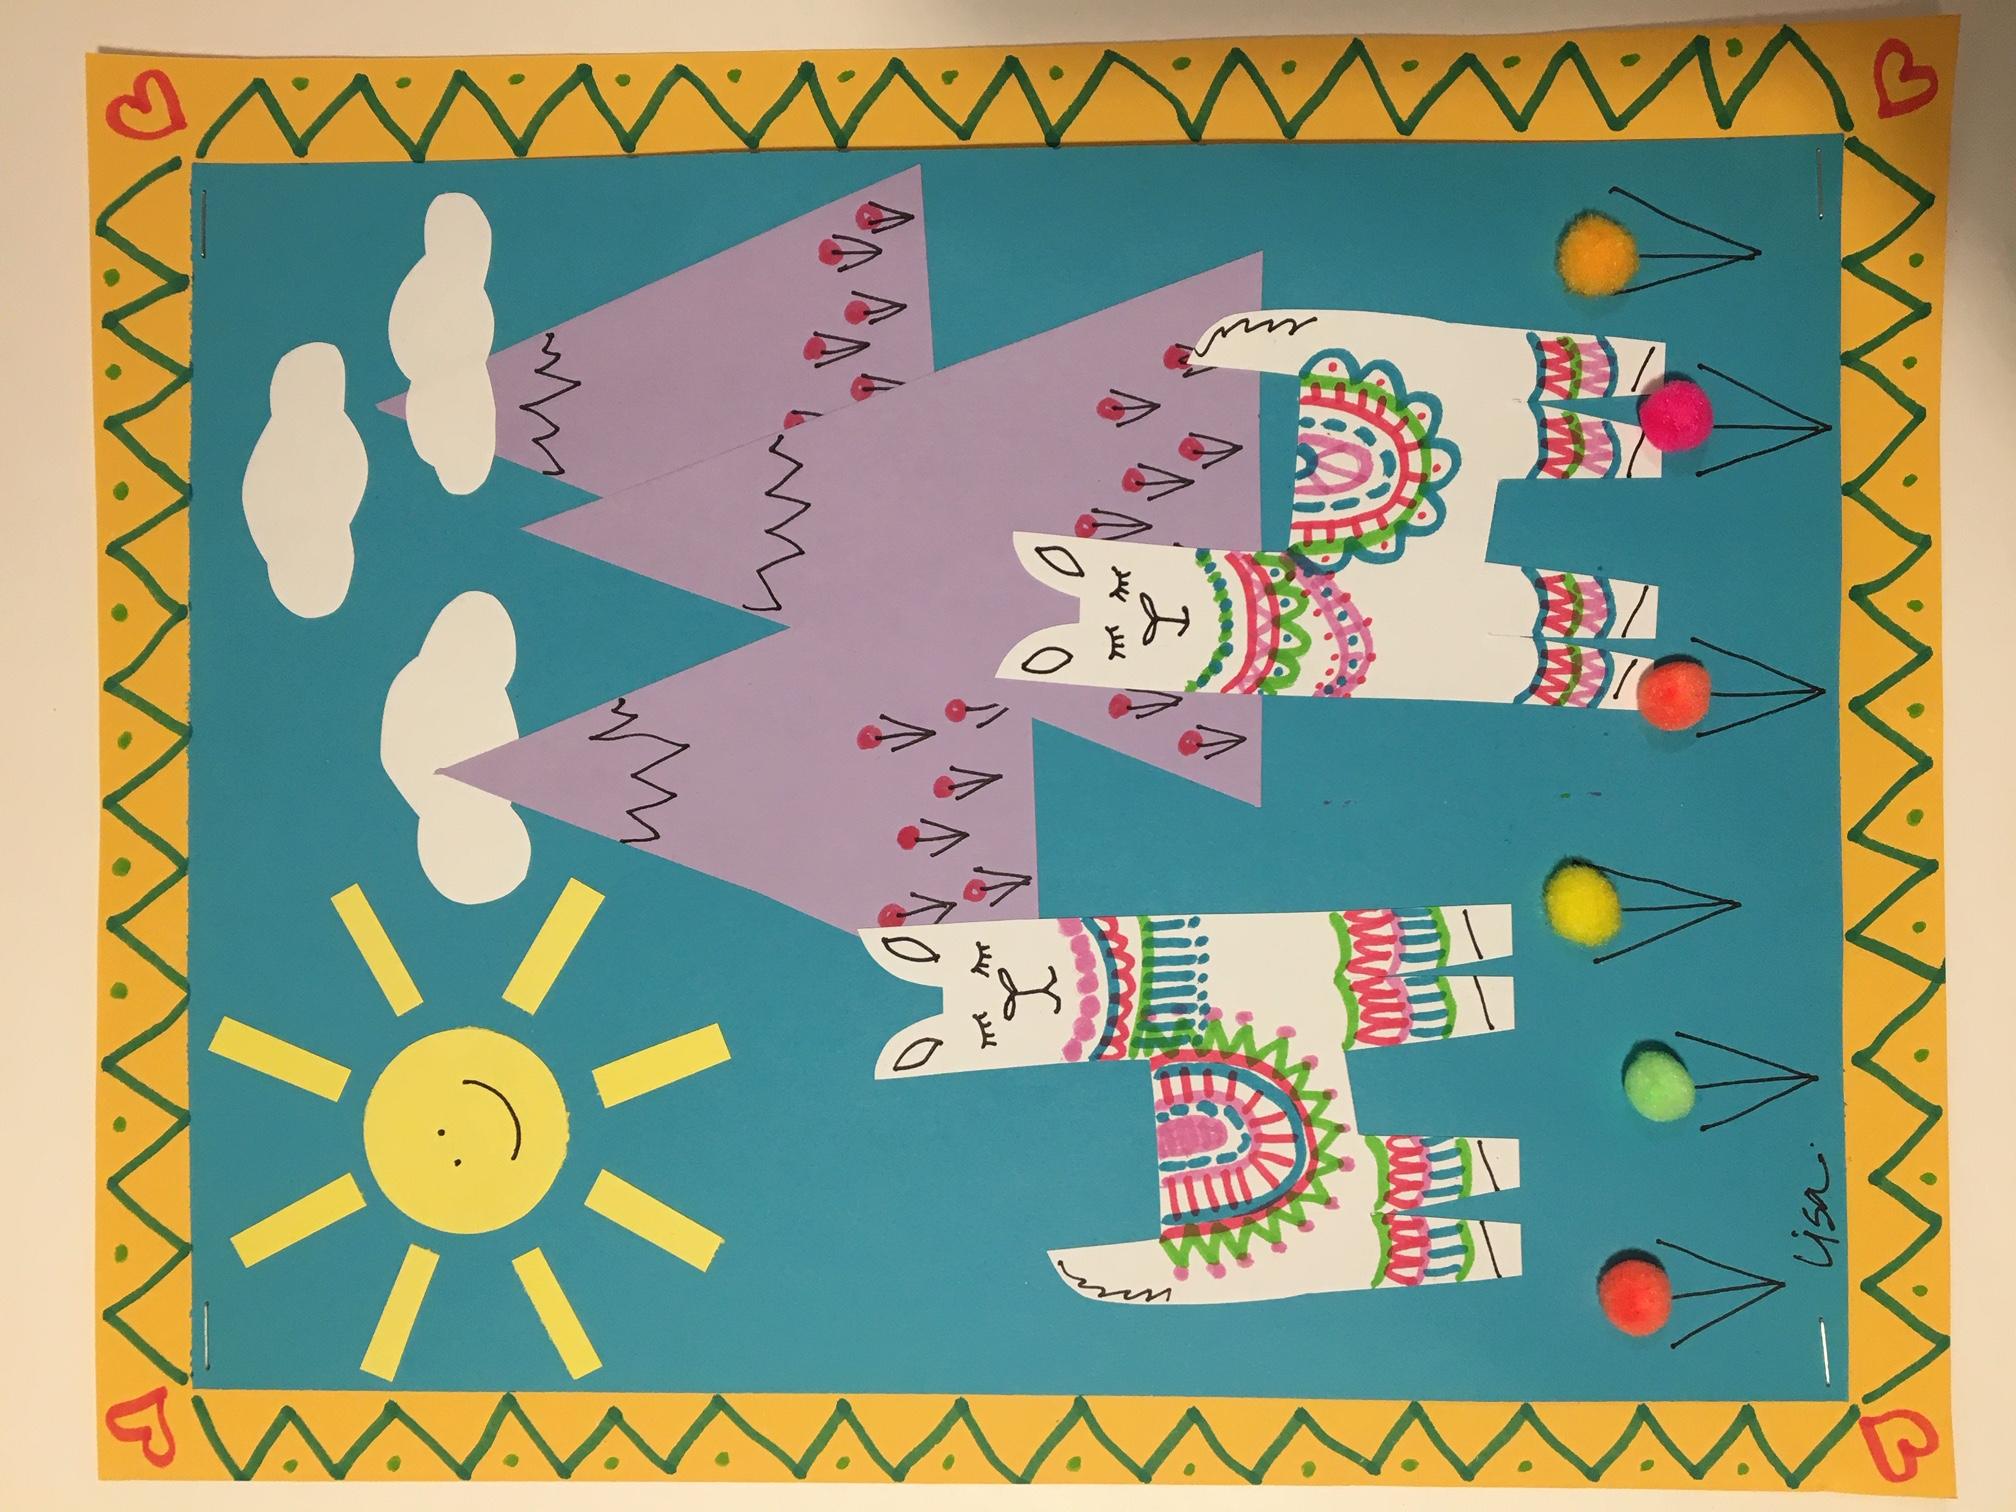 Llama Arpilleras - Art Class for Kids